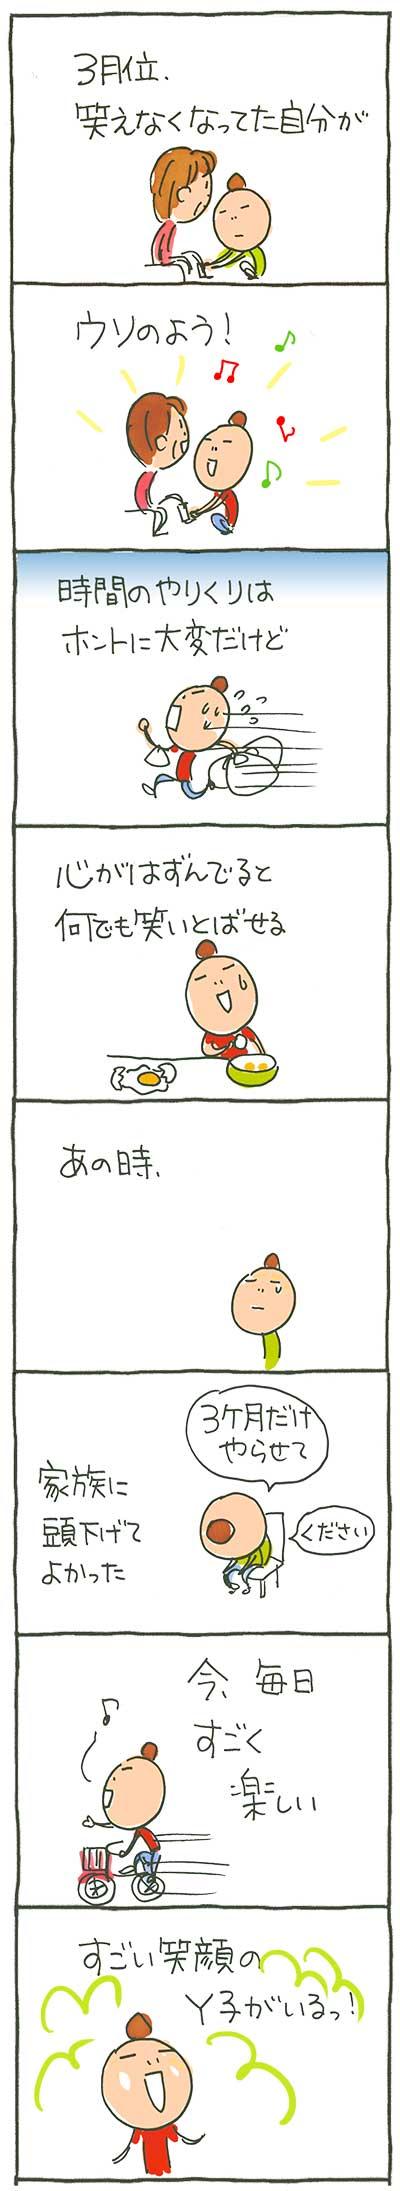 160701みゅ03